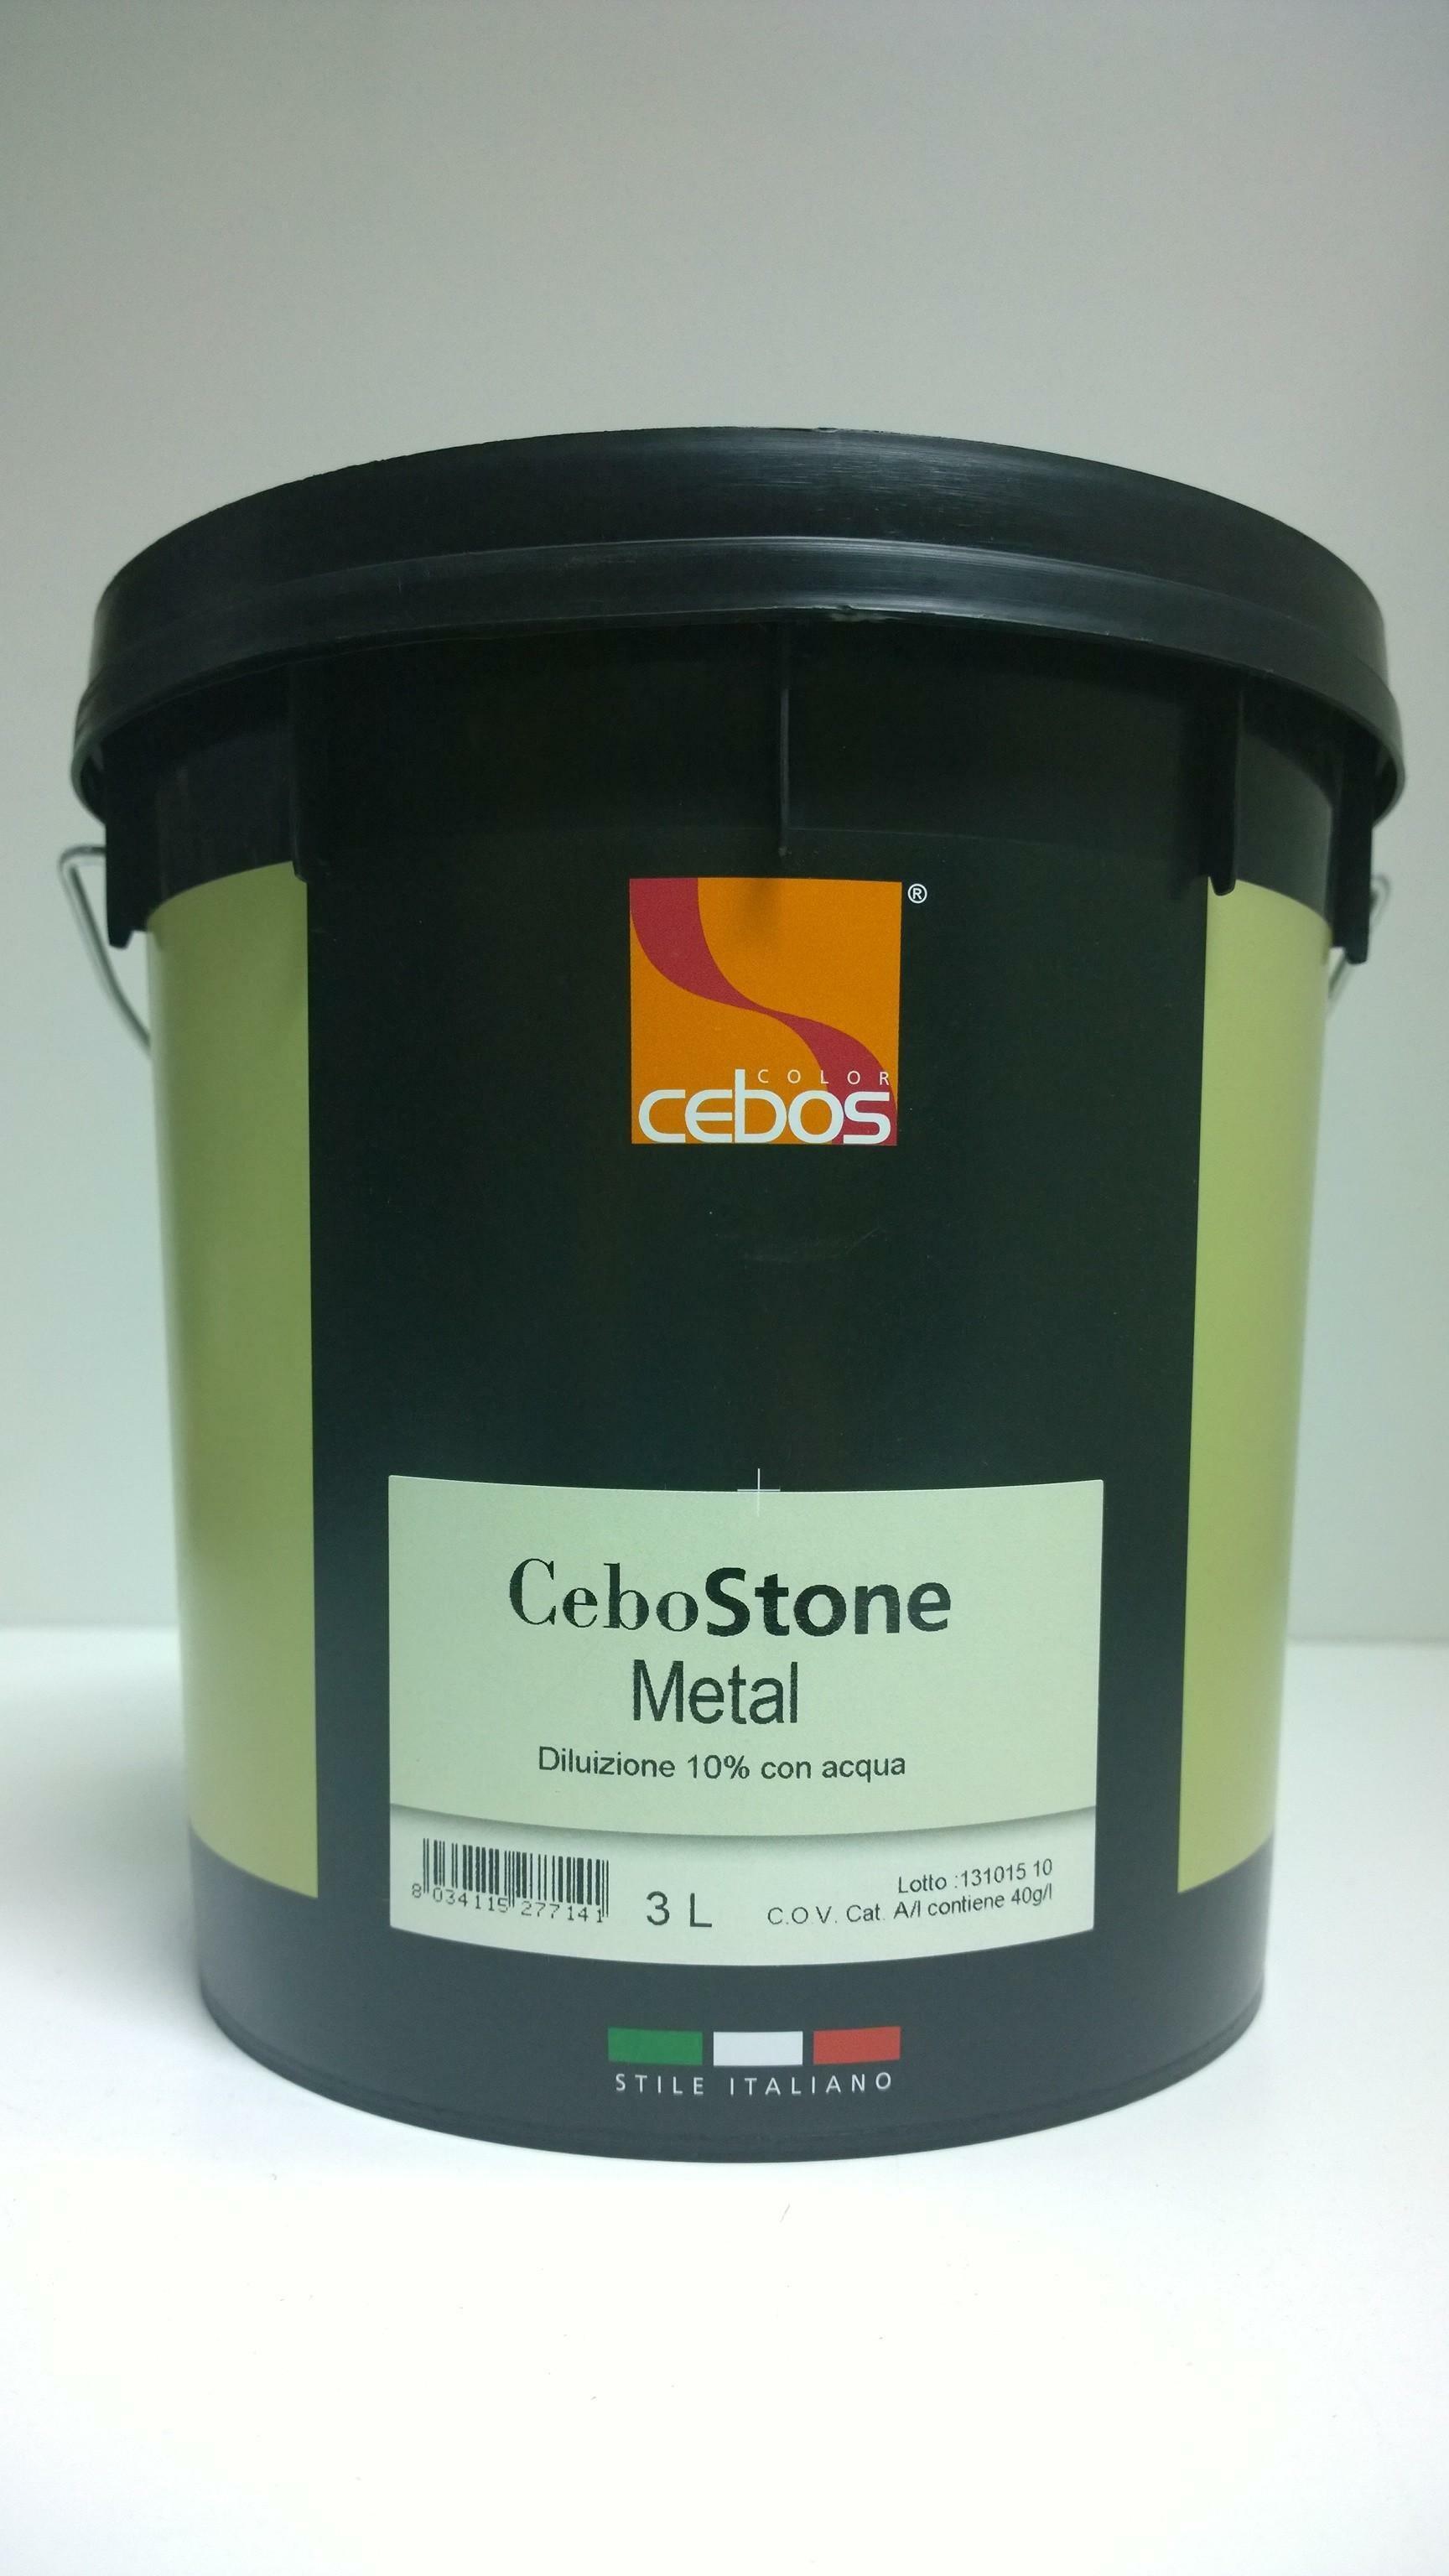 cebos cebos - cebostone metal 3 lt finitura decorativa per interni dall'aspetto sabbiato e colore metallico